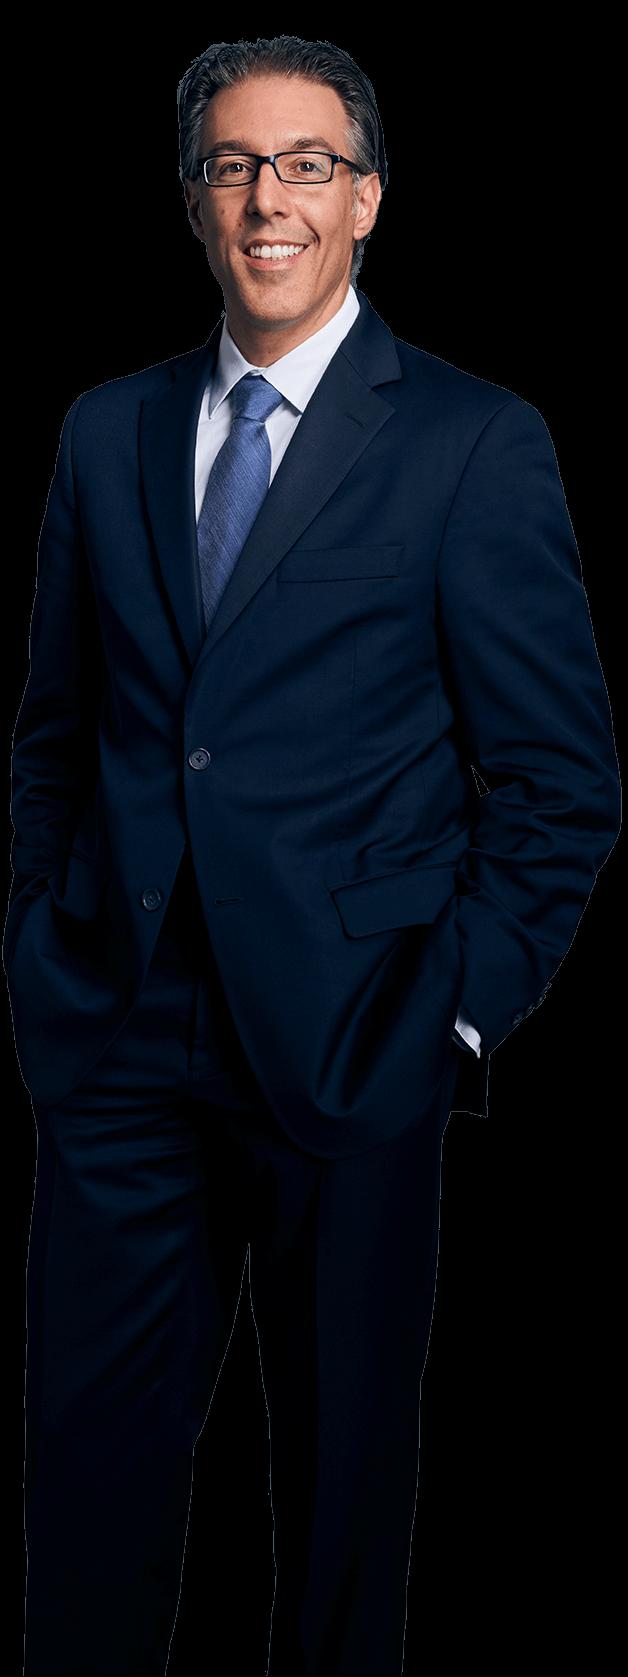 Dino Forgione